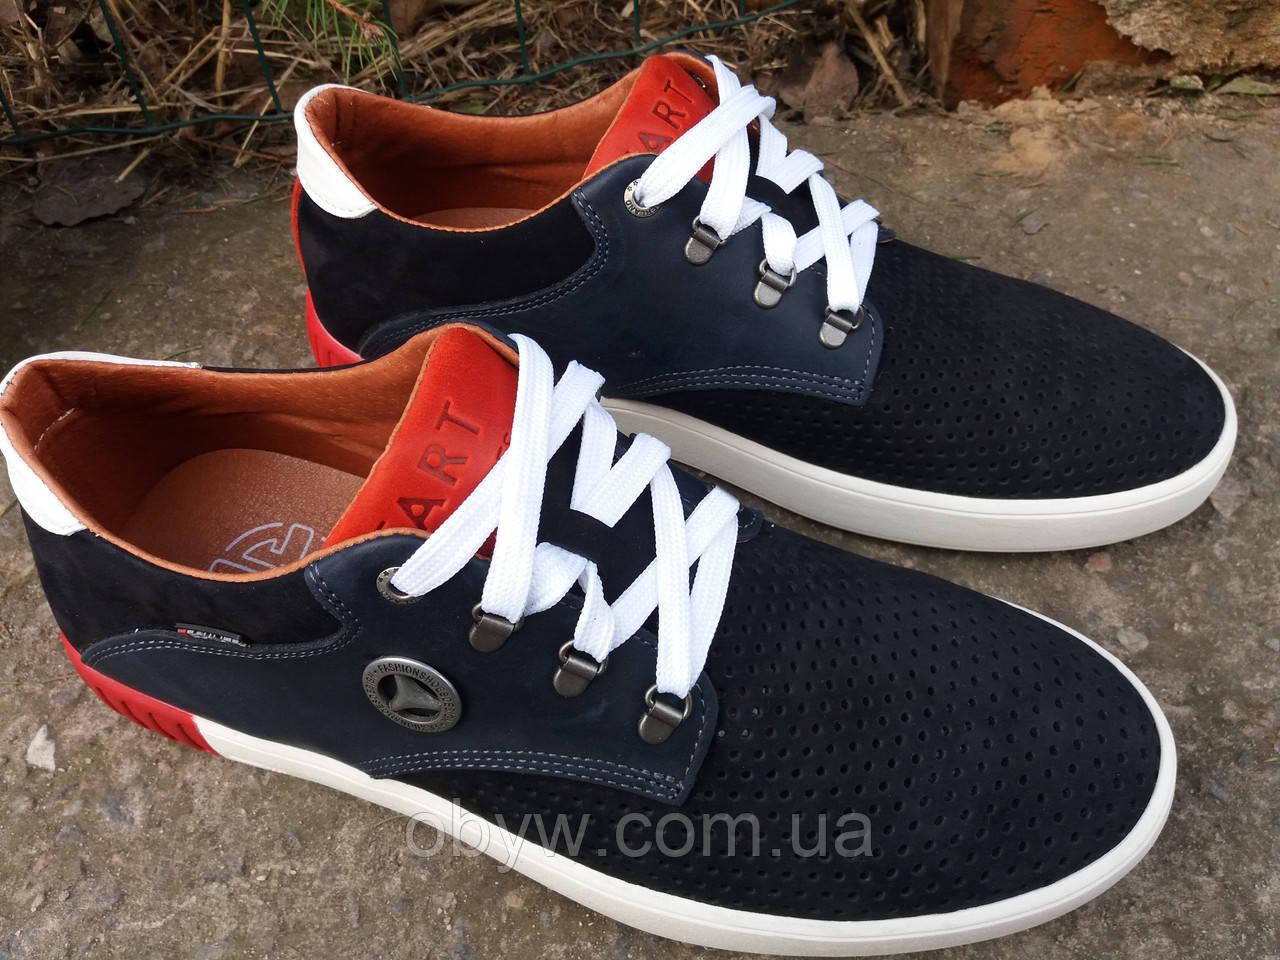 Обувь летняя Lacoste е 6 - ОБУВЬ КУРТКИ В НАЛИЧИИ И ЦЕНЫ АКТУАЛЬНЫ в Днепре 0a033ea31cf